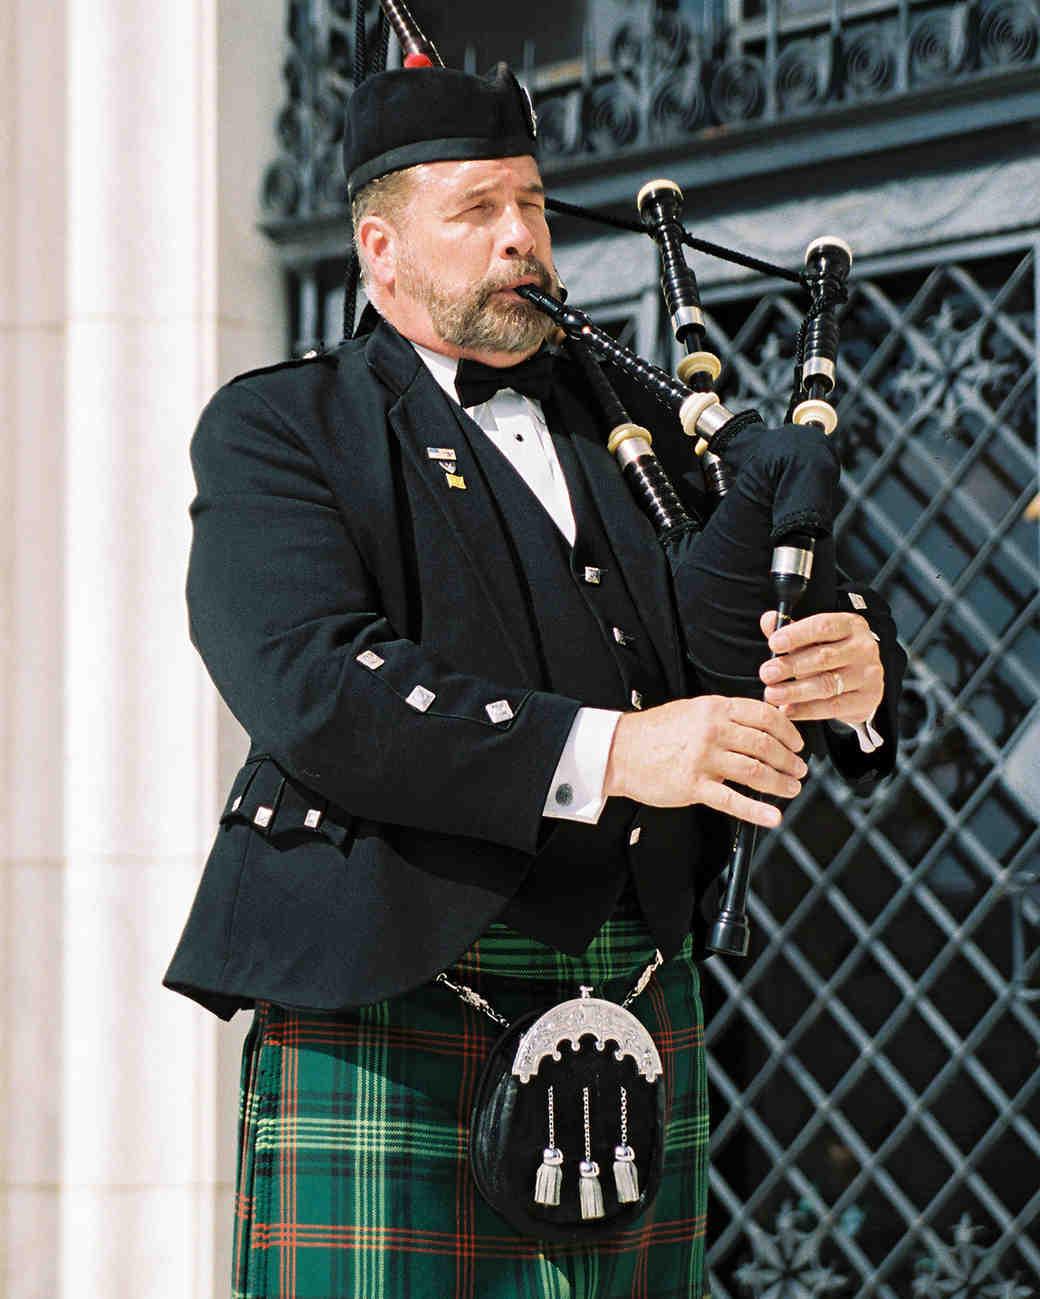 meki ian wedding bagpipes